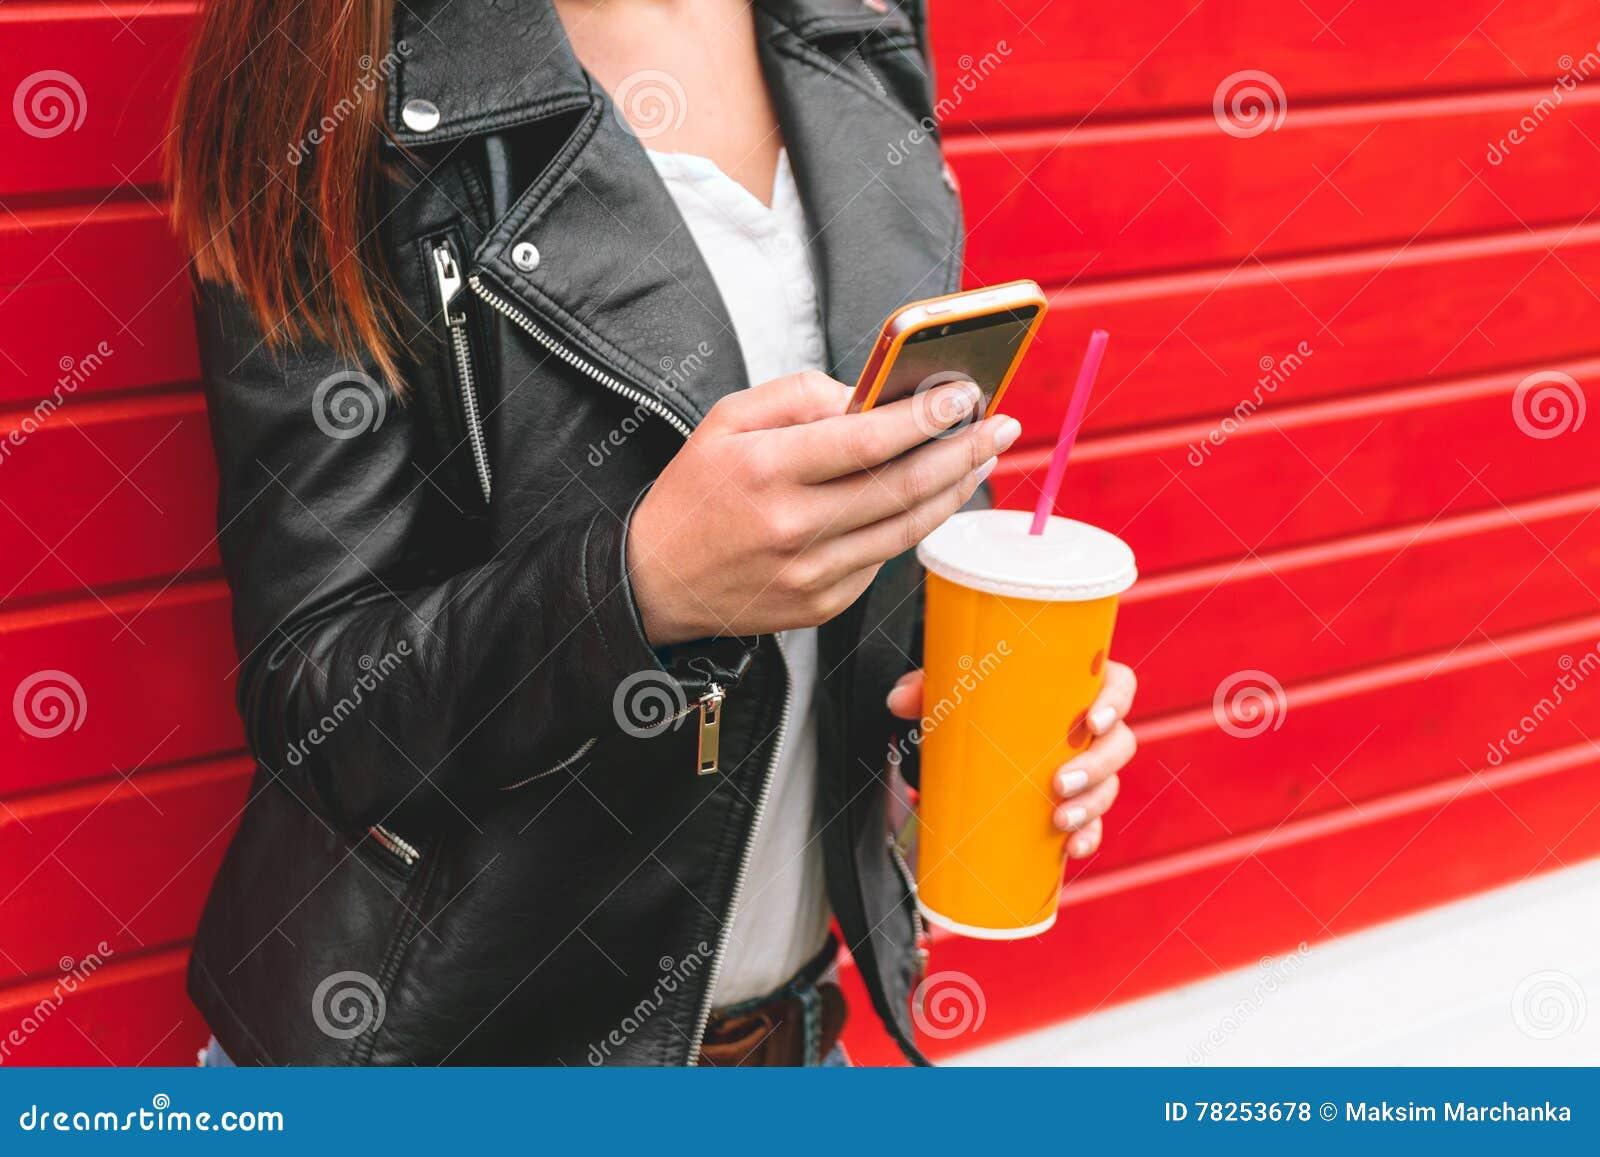 Γυναίκα με το τηλέφωνο και ένα ποτό υπό εξέταση